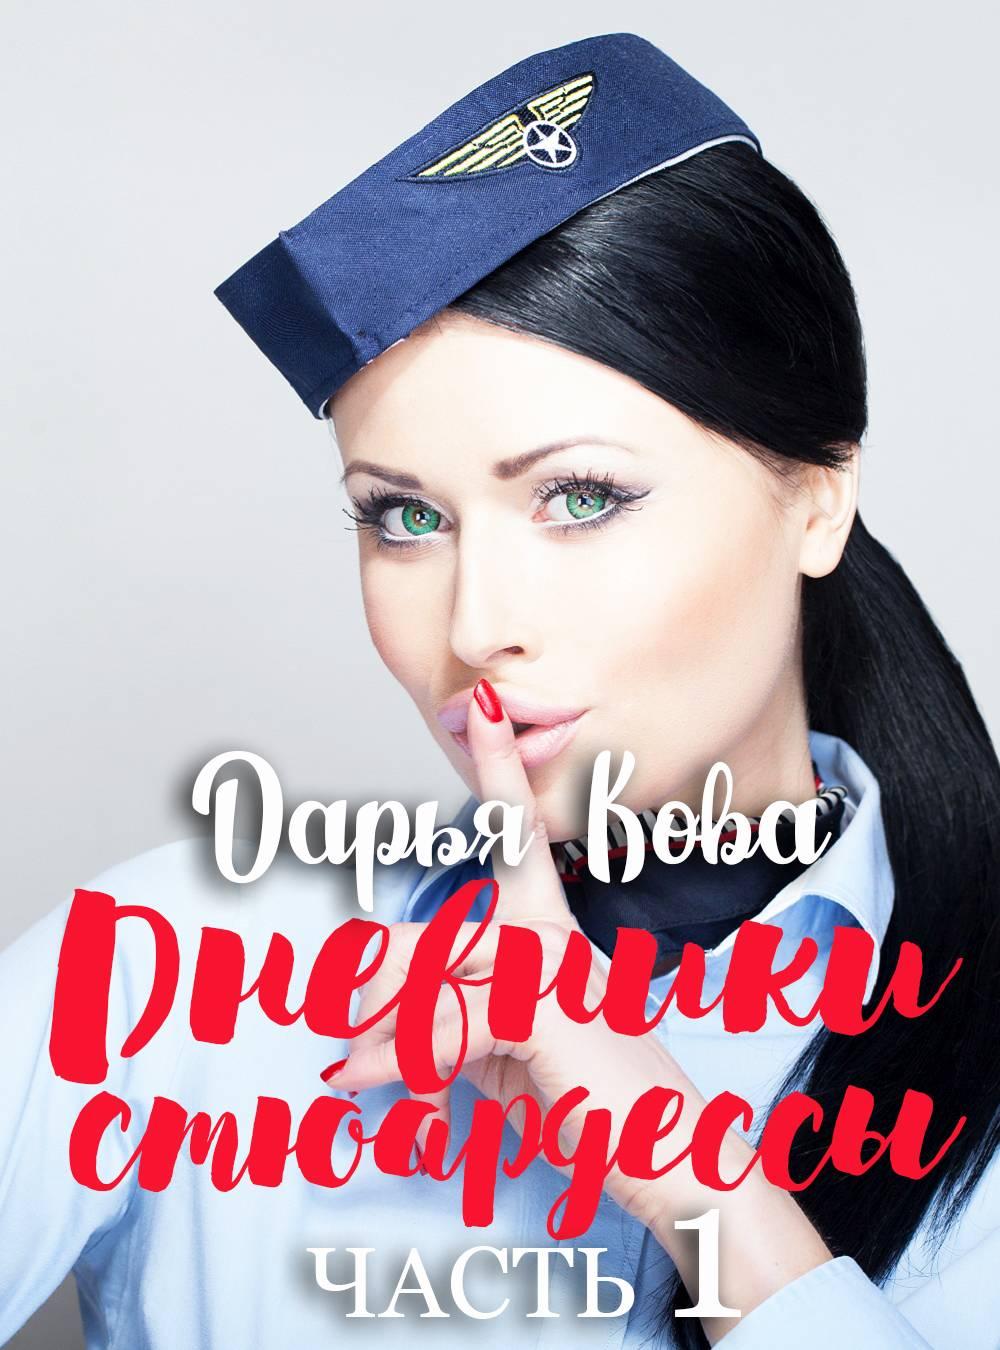 Дарья Кова Дневники стюардессы. Часть 1 дарья кова дневники стюардессы назад в ссср